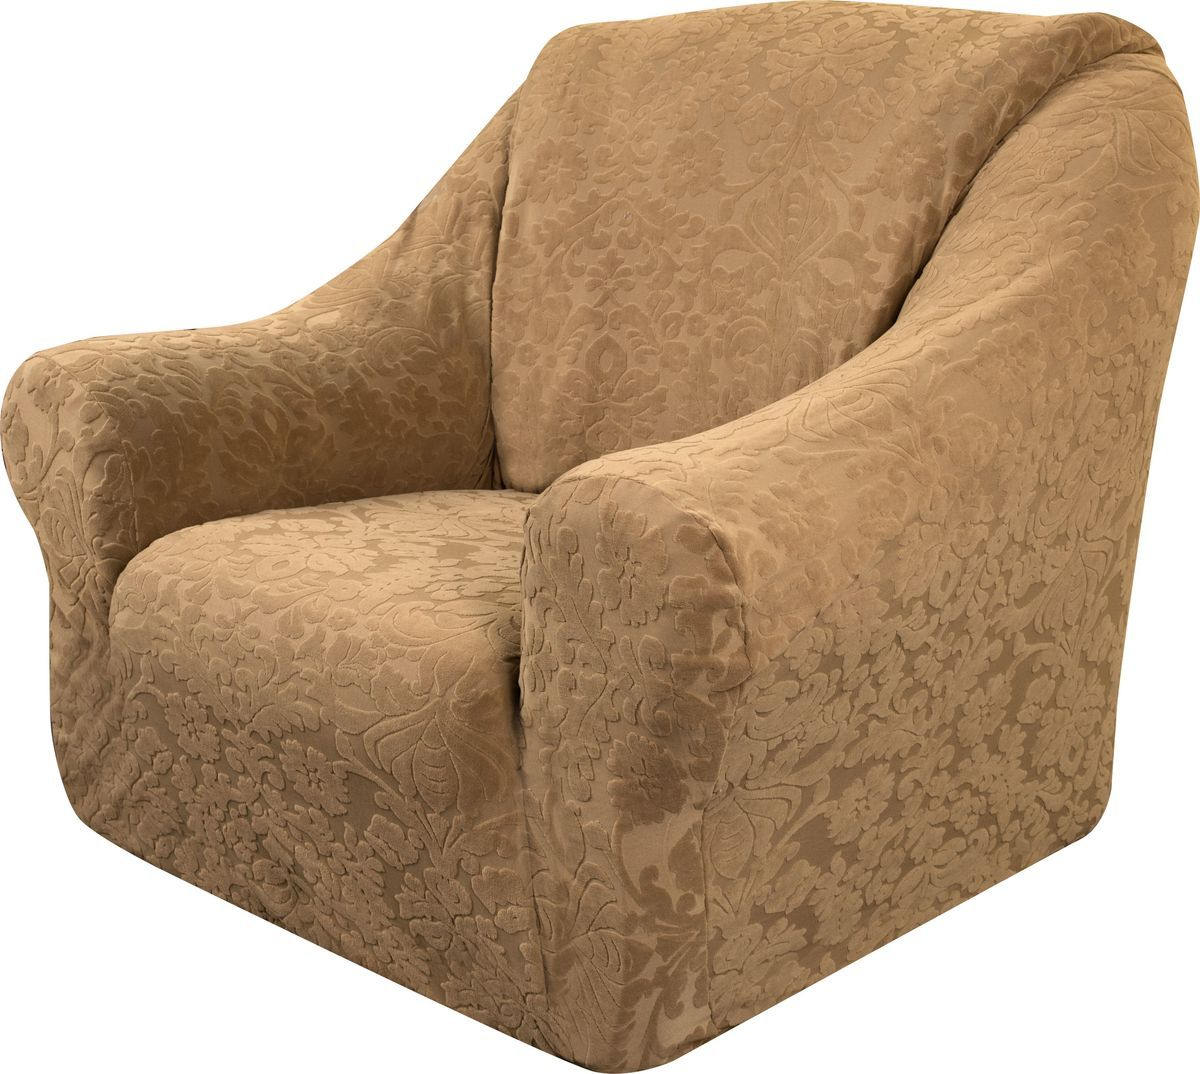 Кресло-мешок, Бескаркасная мебель | кресло-груша, мяч